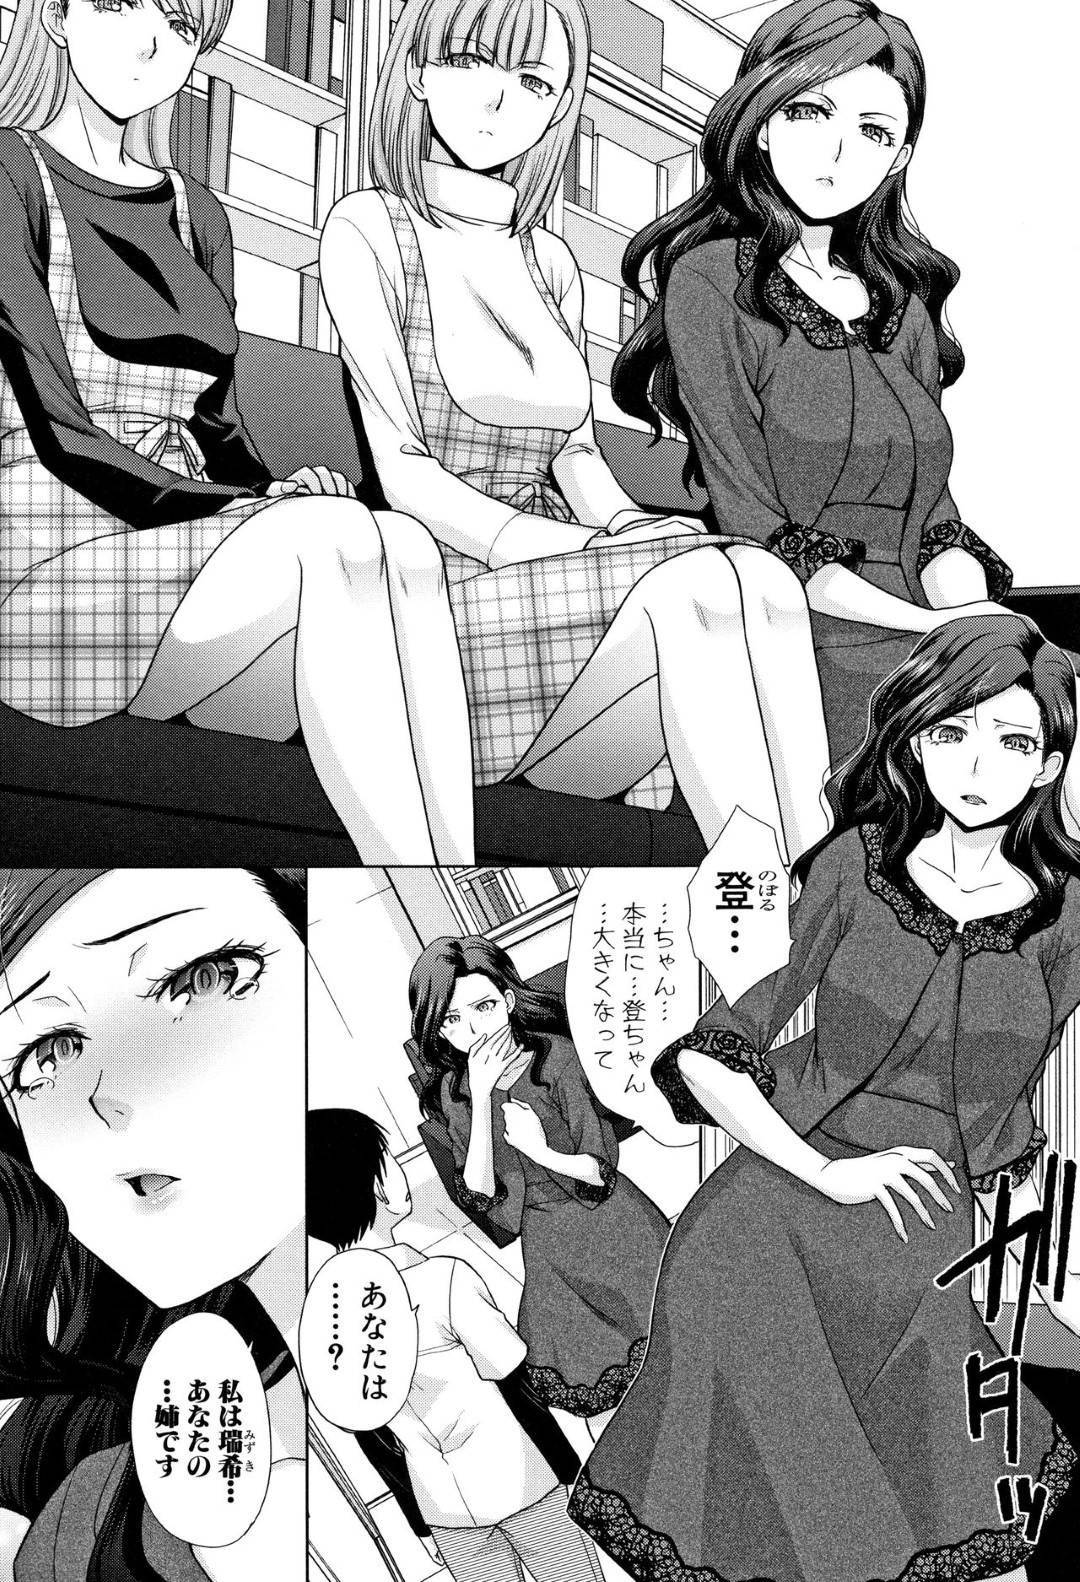 【姉妹近親相姦エロ漫画】登は生き別れの姉3人との共同生活で近親相姦中出しセックス【板場広し】